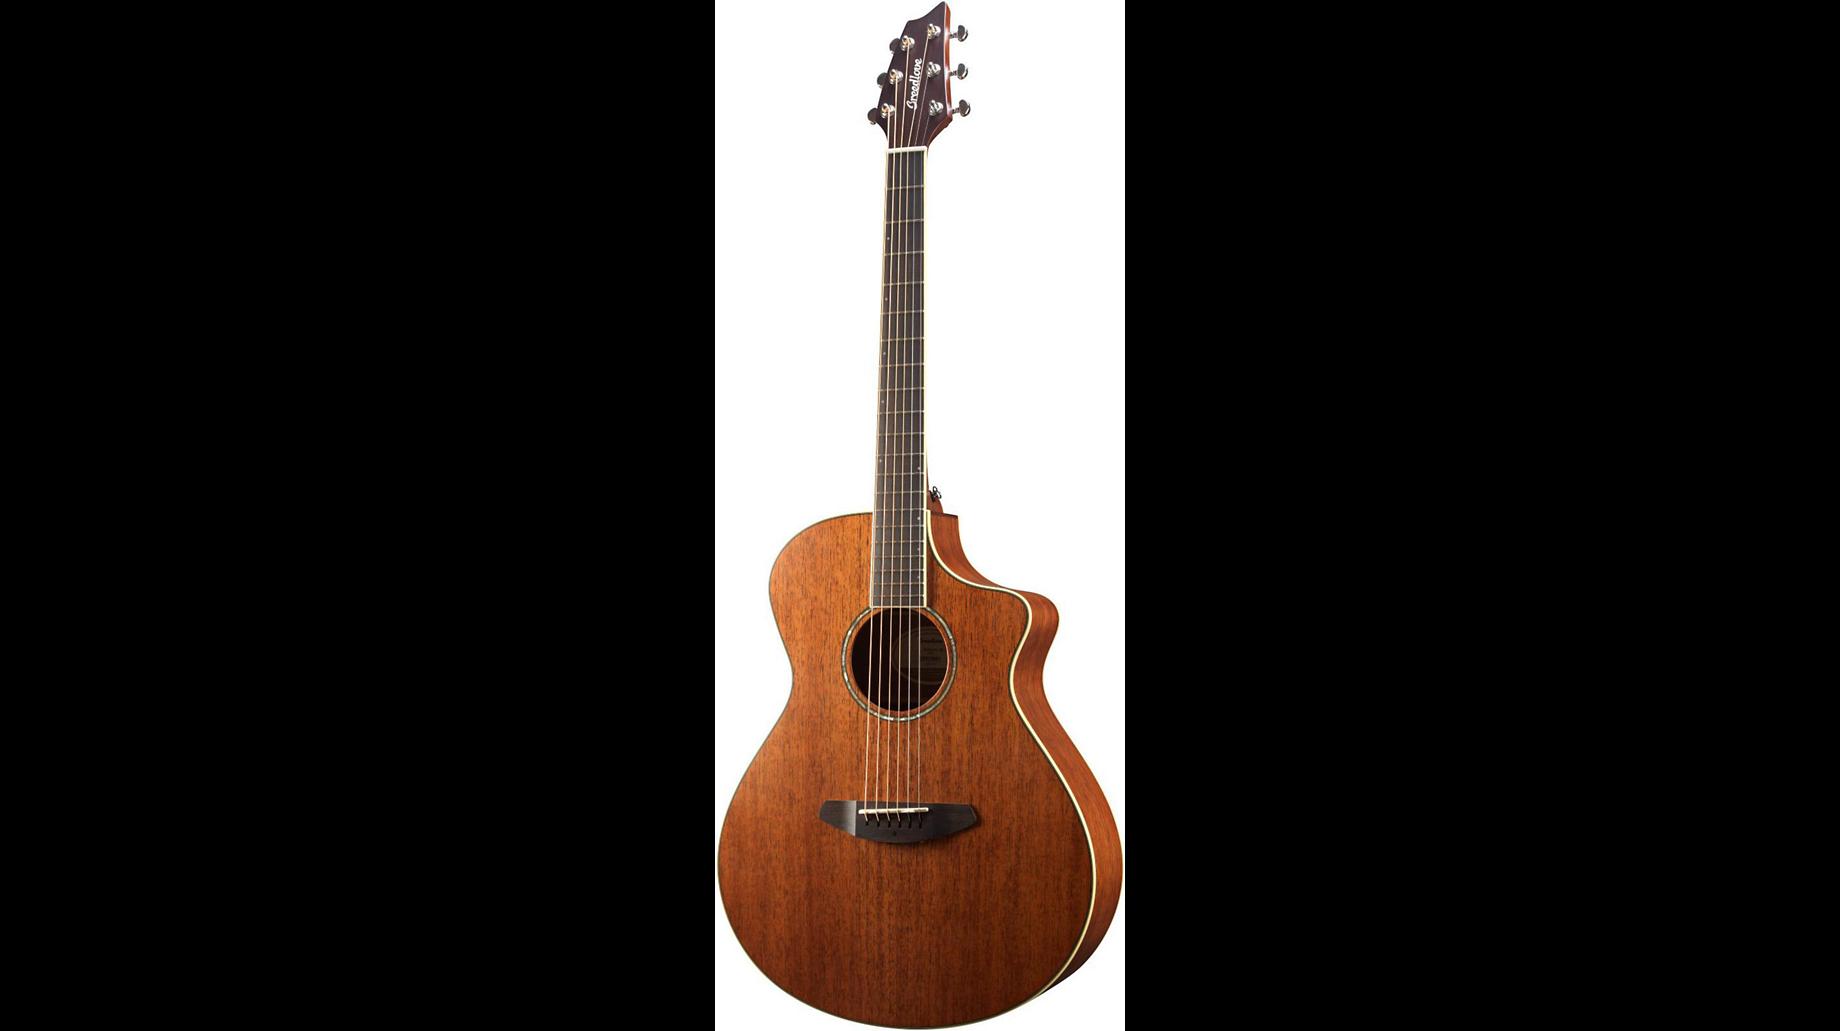 Breedlove Pursuit Concert MH CES Acoustic-Electric Guitar $350, MSRP $600